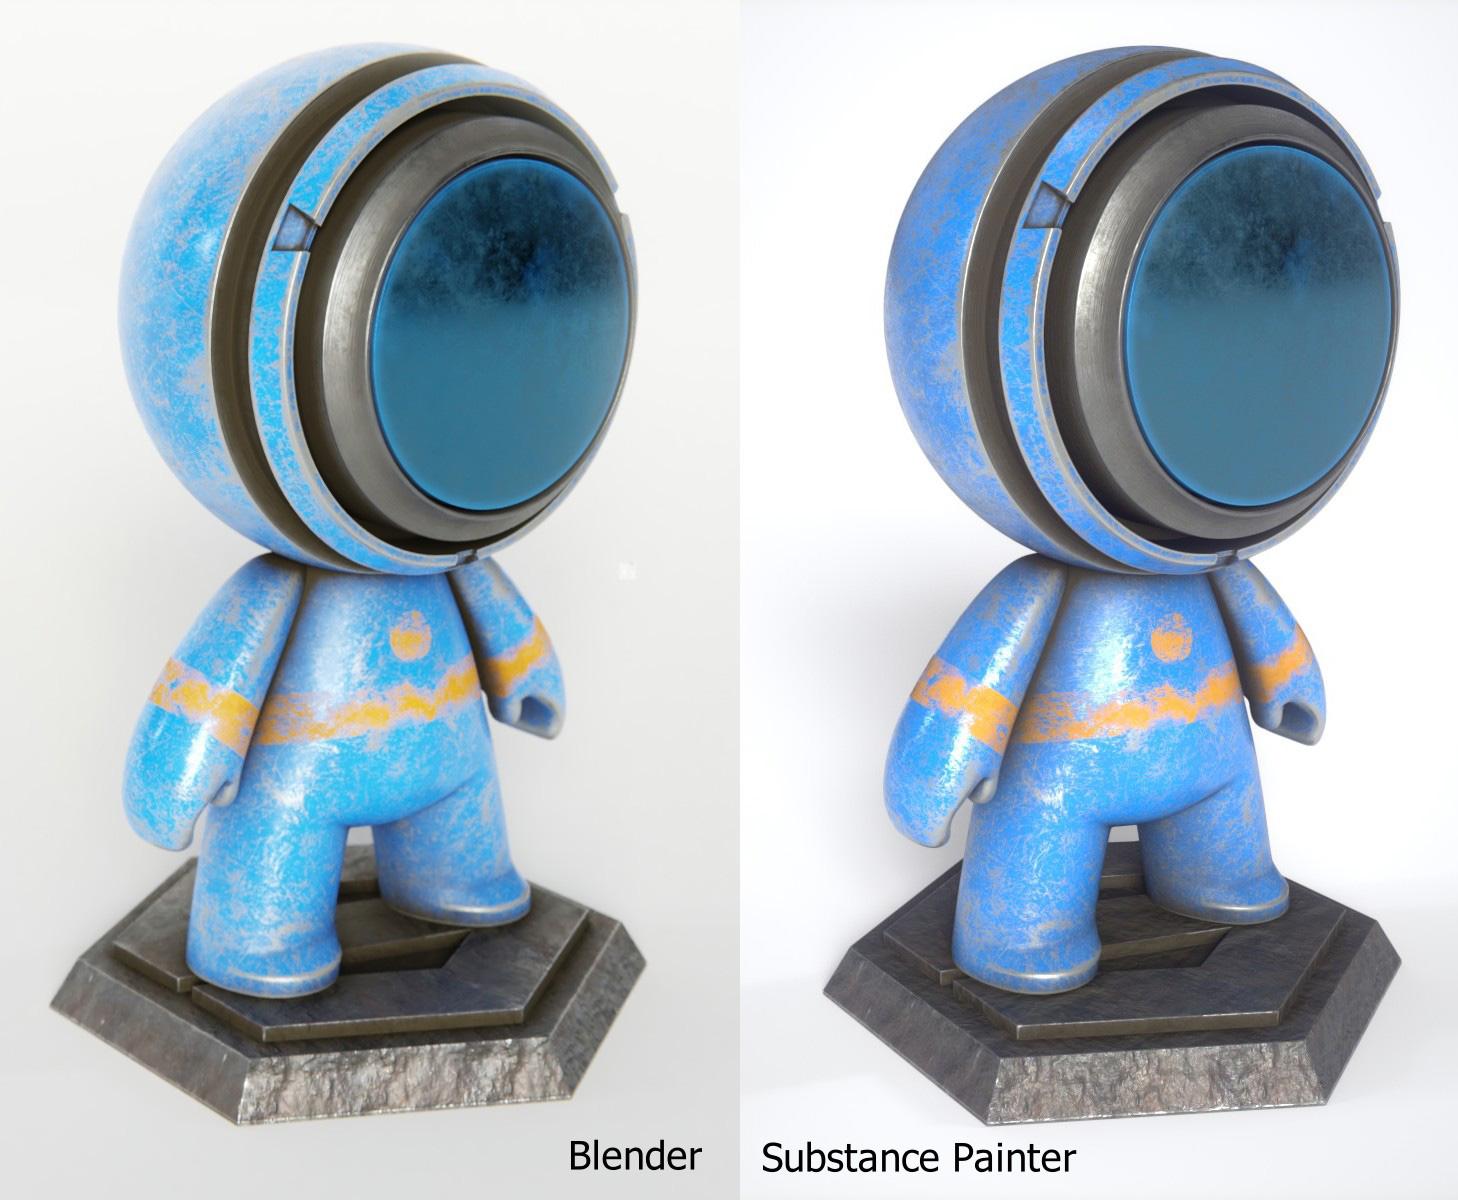 Blender 2 79 - Blender 3D